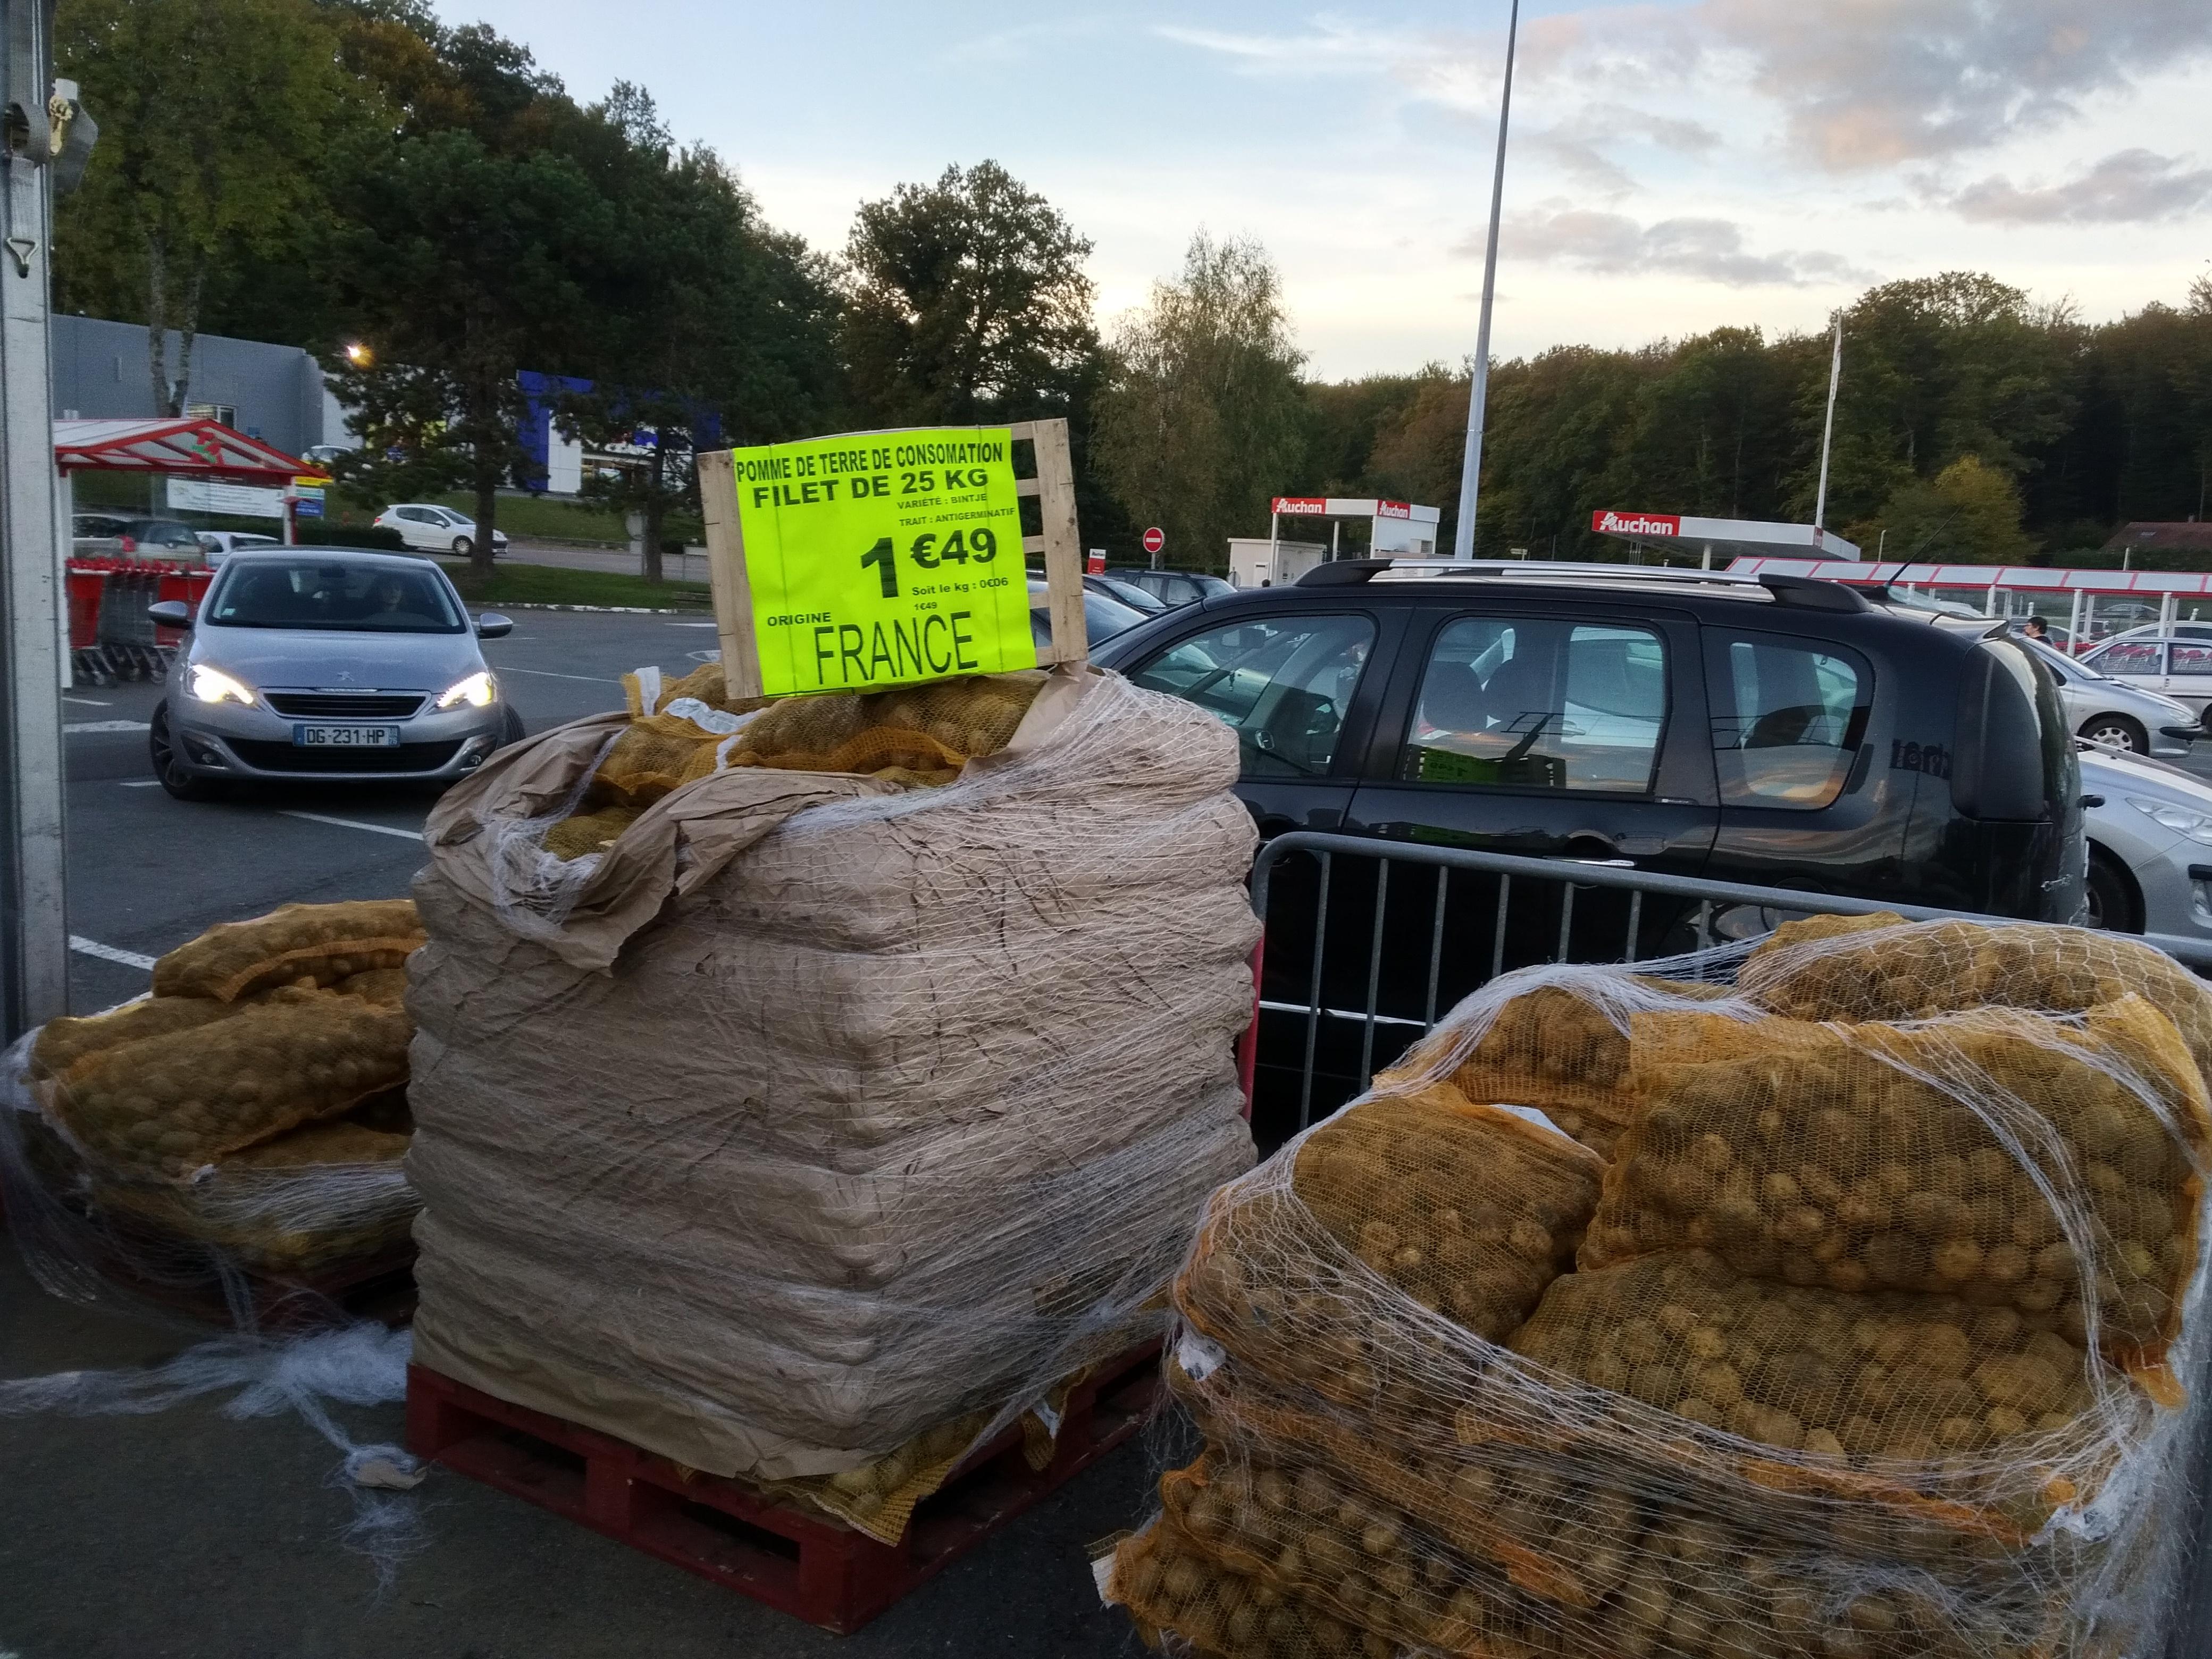 sac de pommes de terre bintje origine france 25 kg chez auchan luxeuil 70. Black Bedroom Furniture Sets. Home Design Ideas